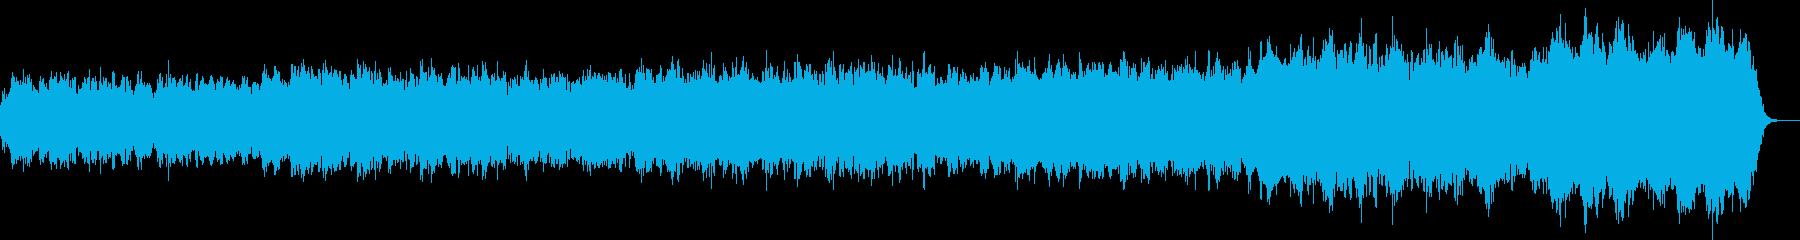 湖のさざ波のようなミステリアスな曲の再生済みの波形